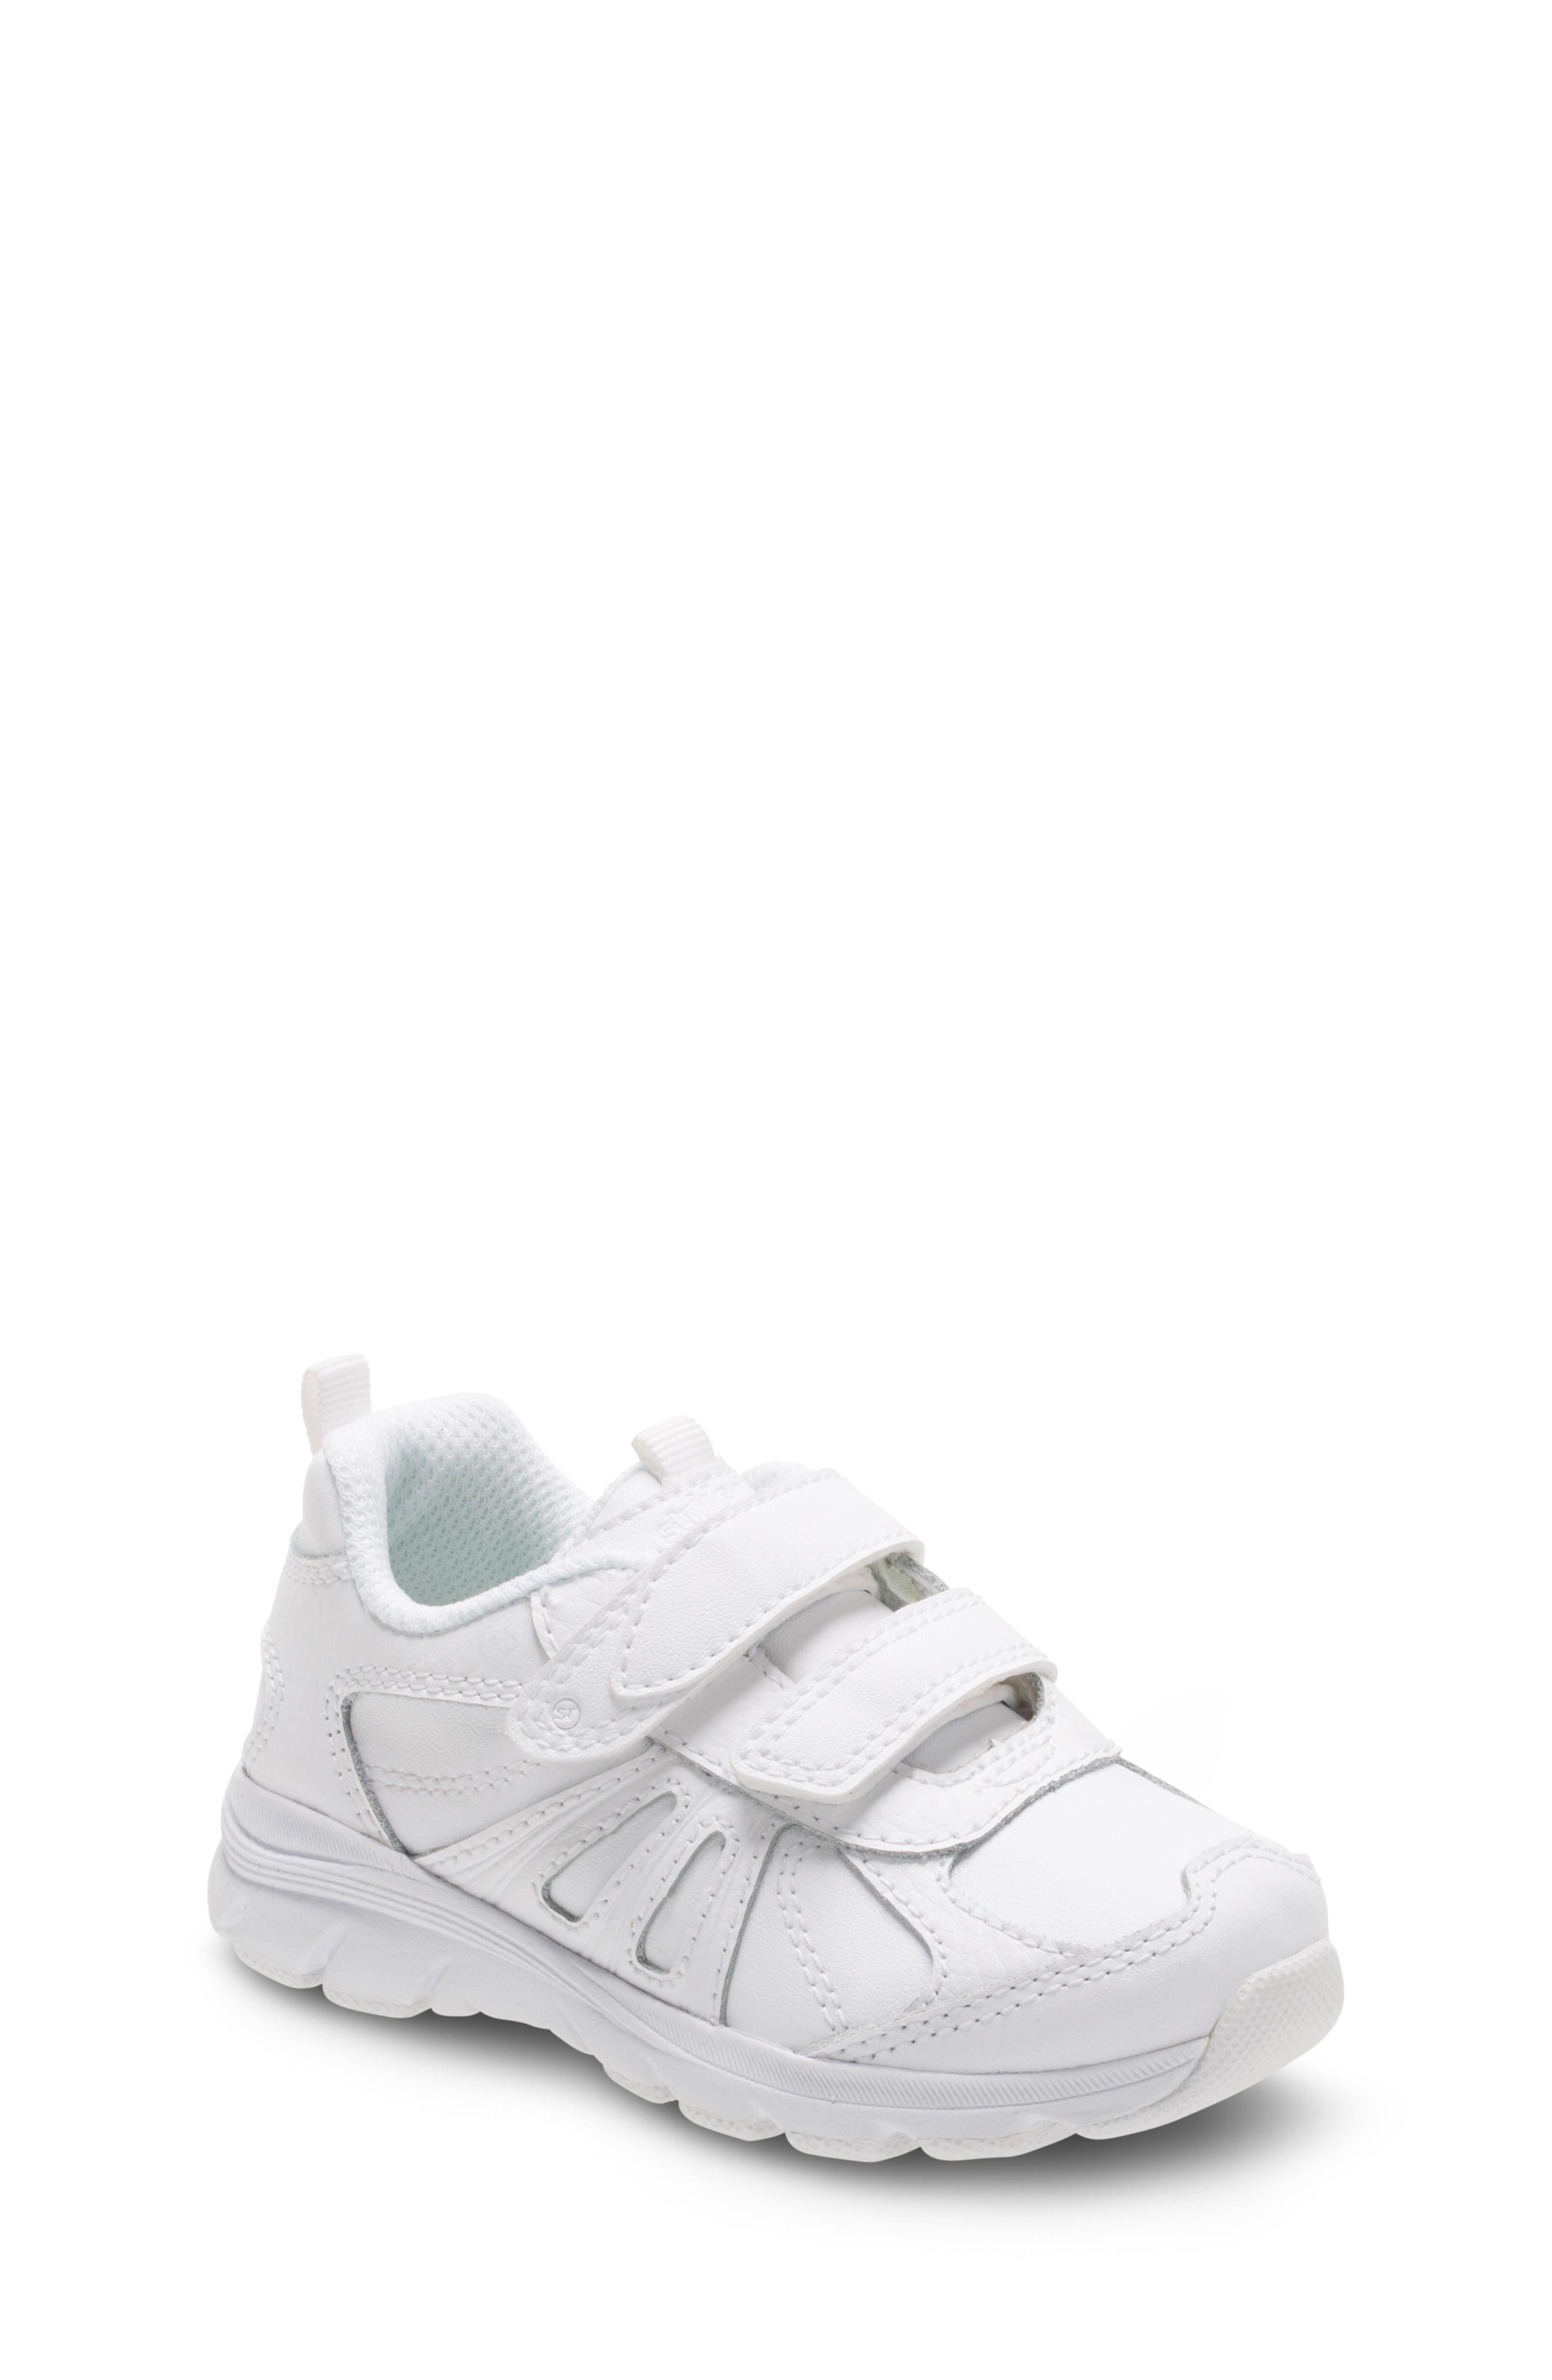 Cooper 2.0 Sneaker,                         Main,                         color, WHITE